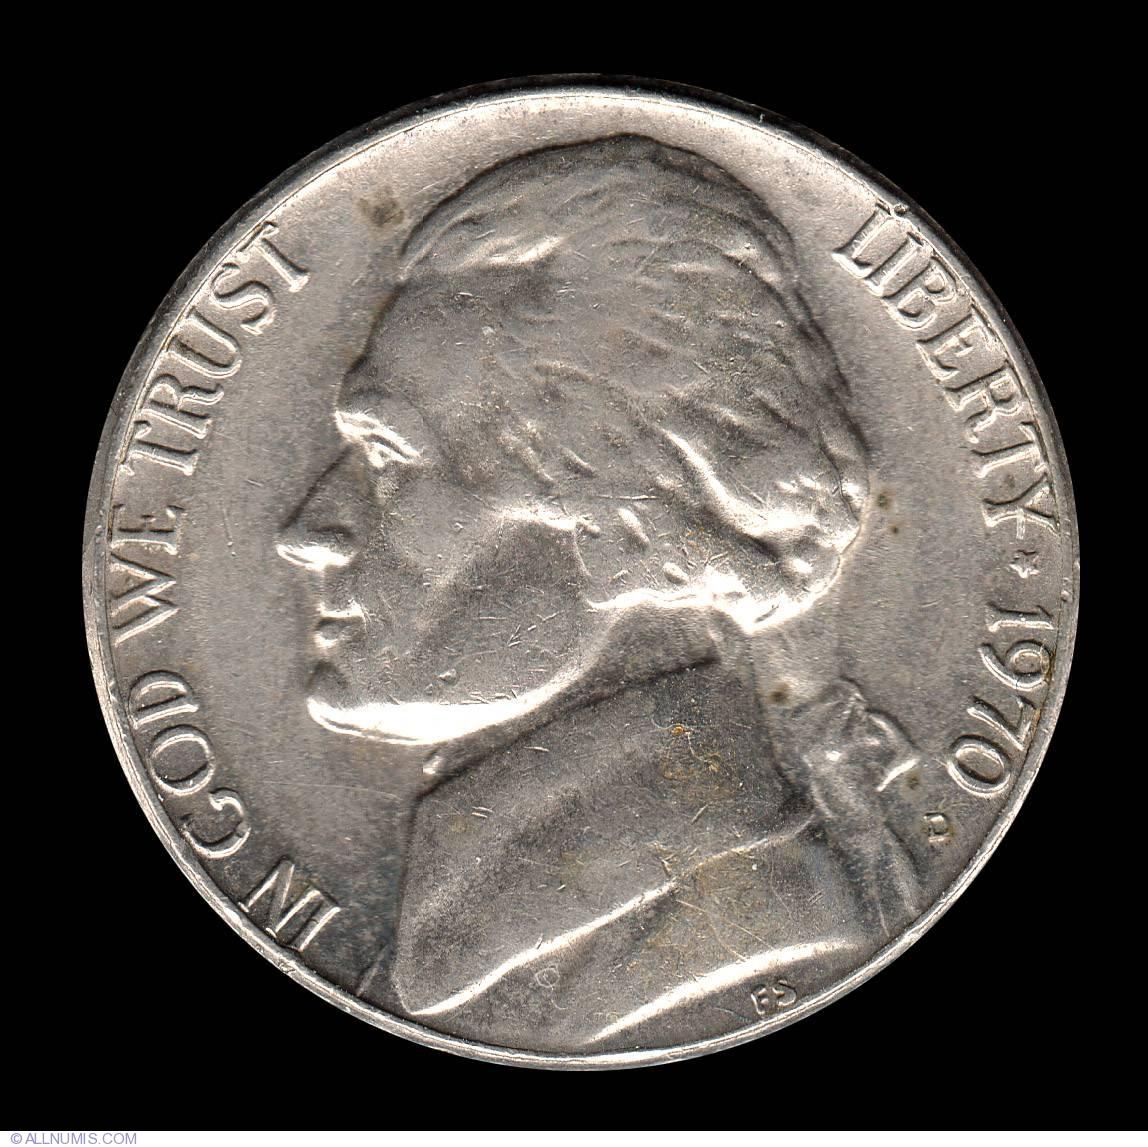 1970_nickel